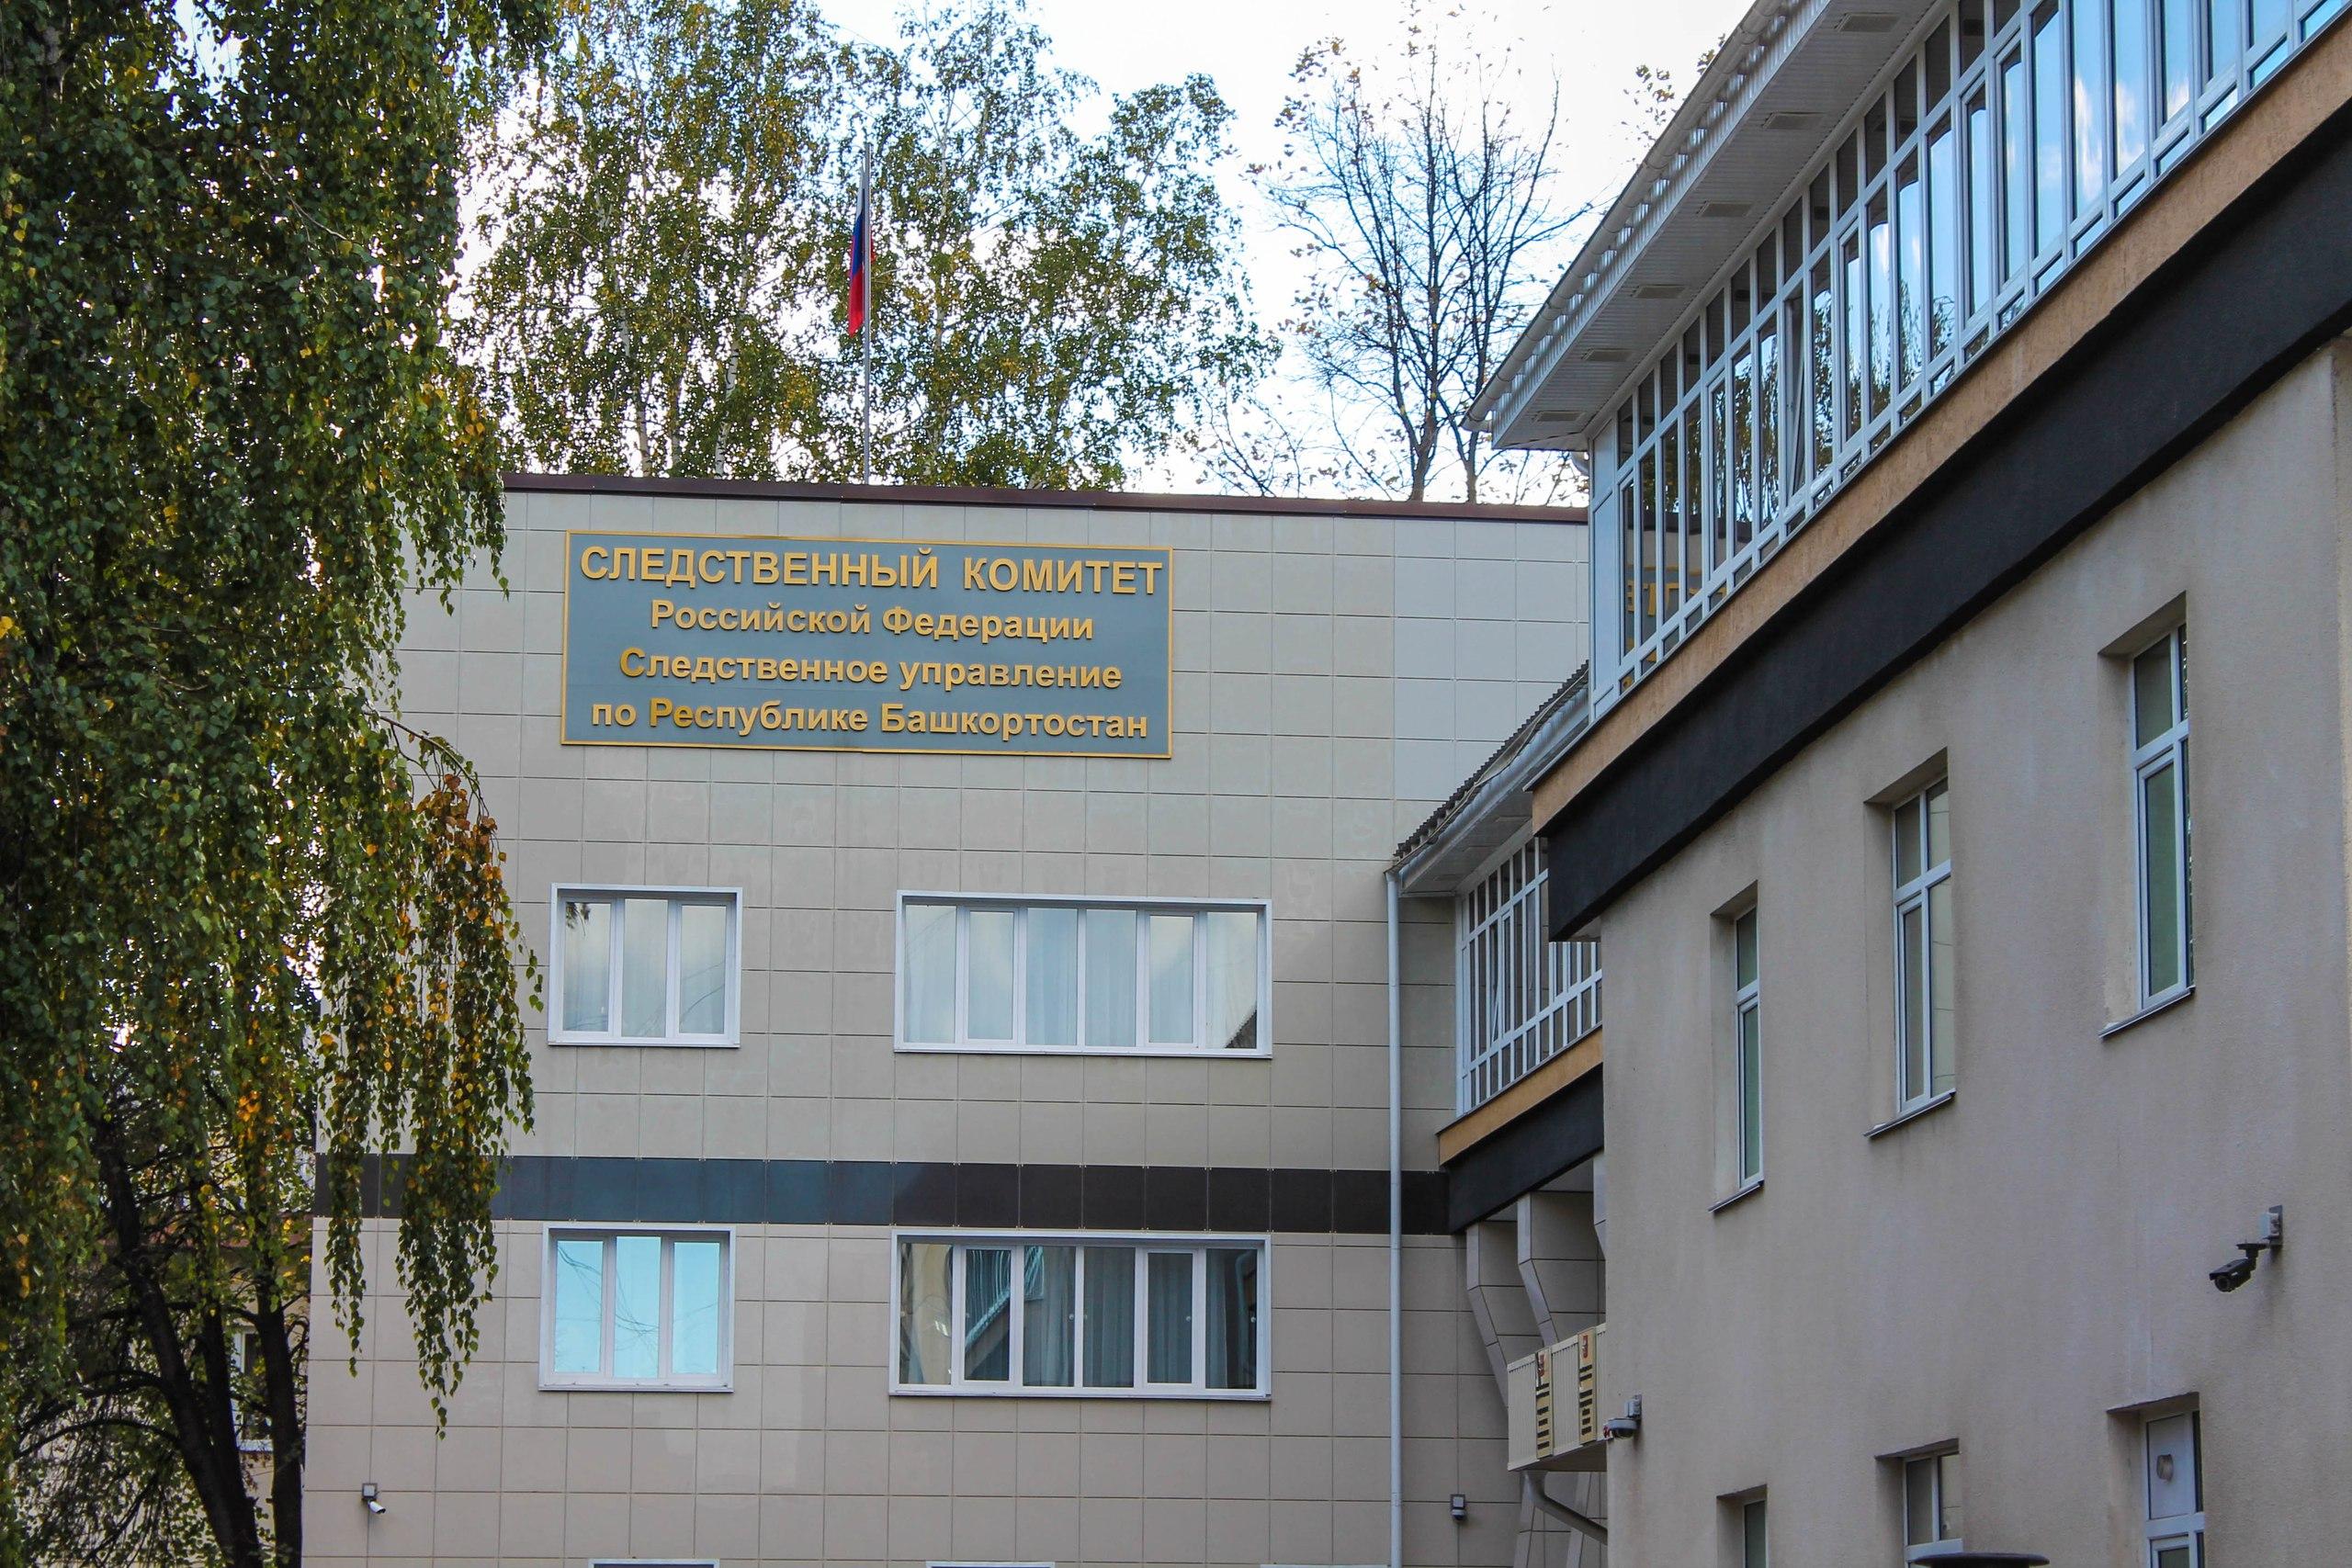 В Уфе мастера нефтеперерабатывающего завода обвинили в смерти рабочего